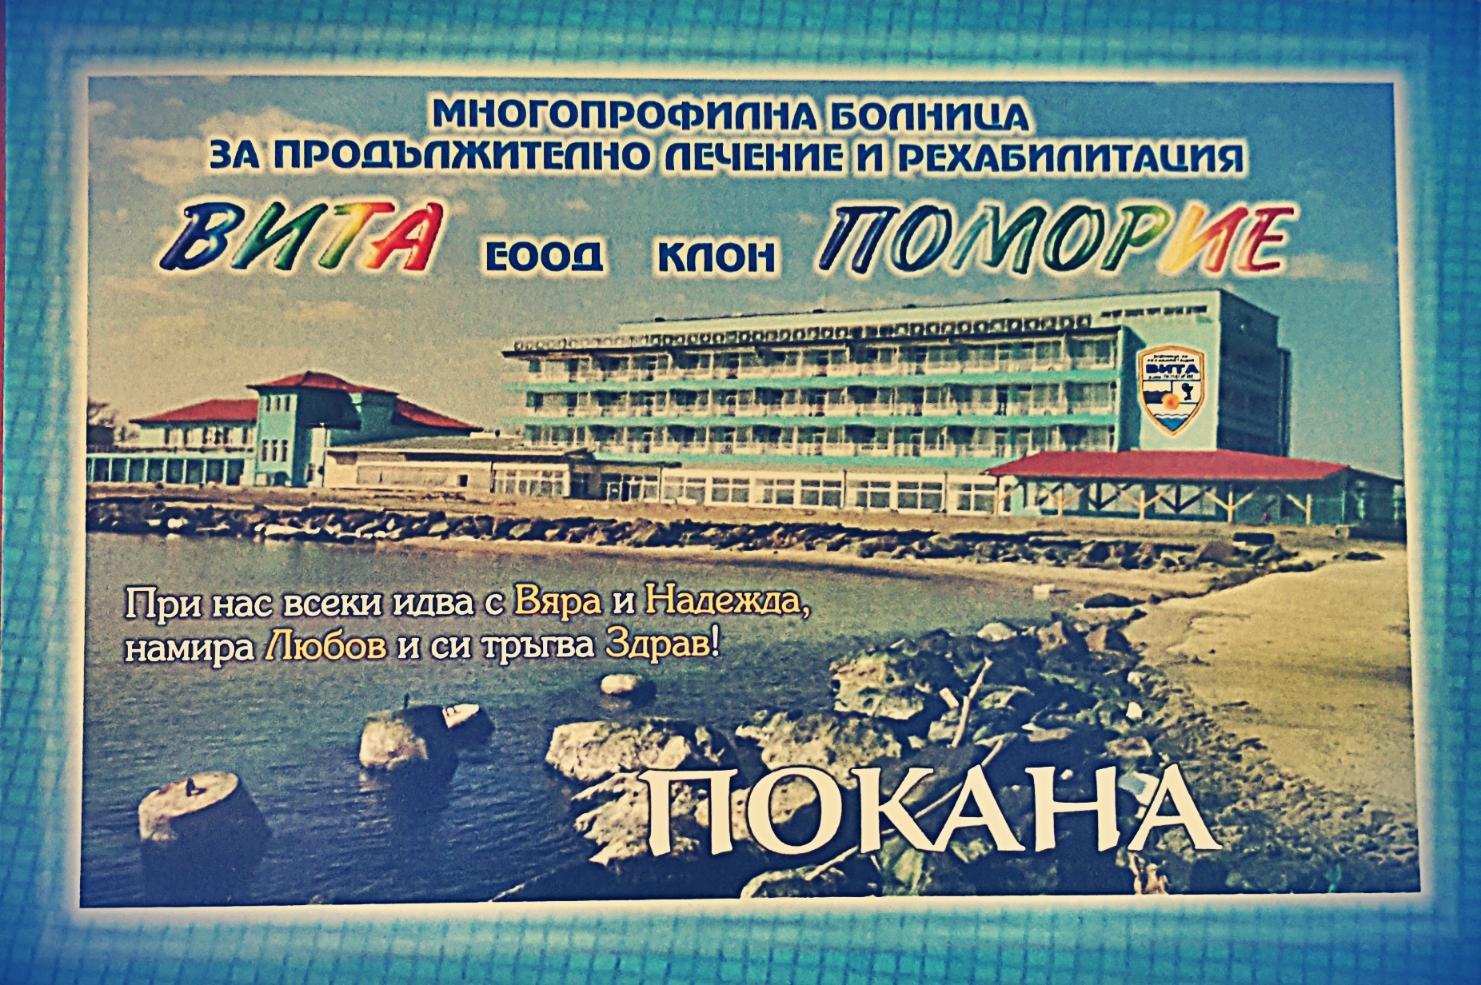 """Държавната болница """"ВИТА"""" в Поморие получи лиценз от МЗ, откриват я през юни"""